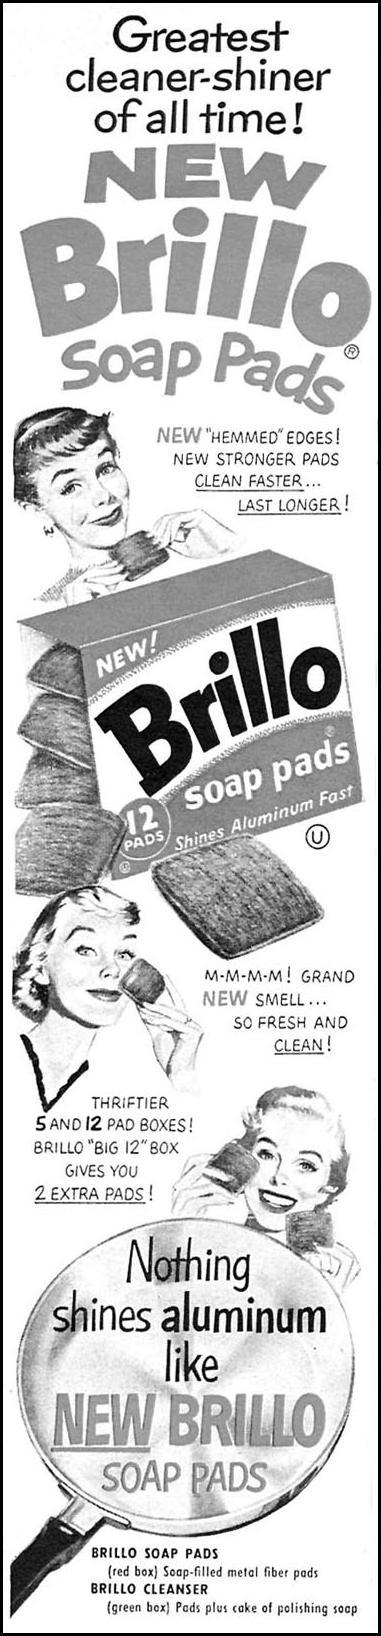 BRILLO SOAP PADS WOMAN'S DAY 04/01/1956 p. 106